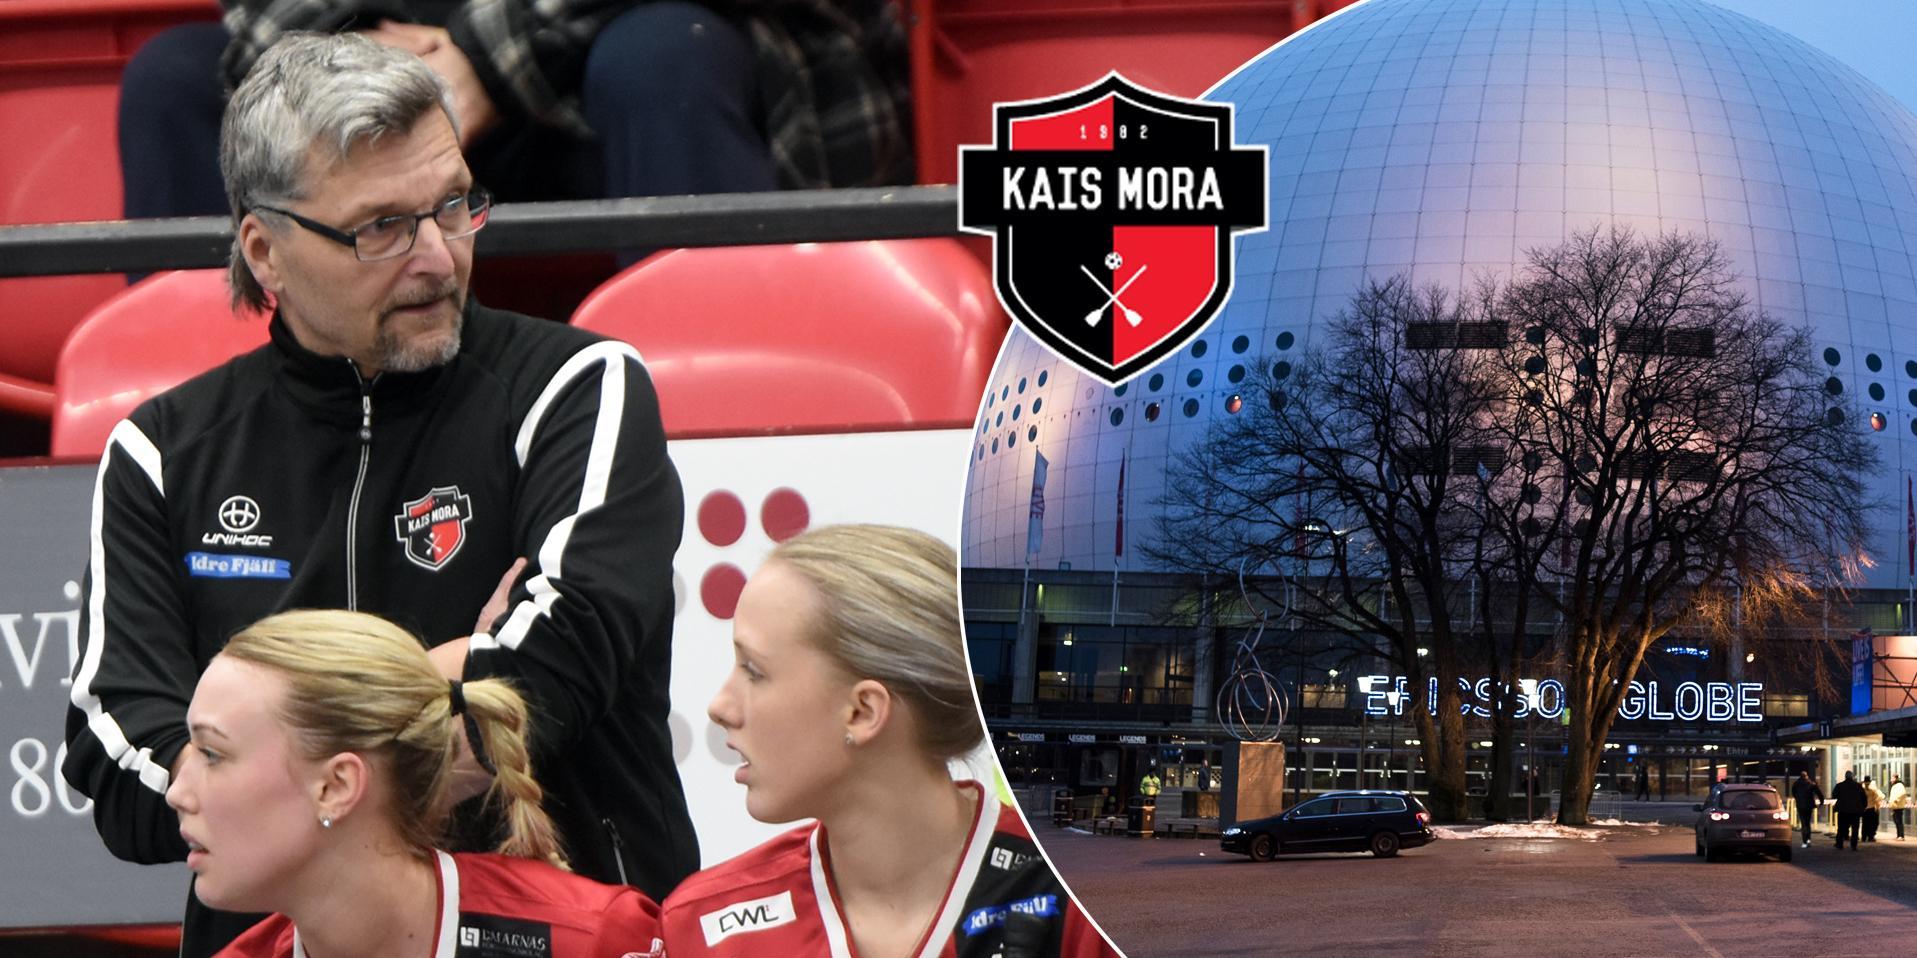 Ulf Hallstensson ska försöka leda Kais Mora till SM–guld i Globen på lördag. Foto: Rickard Pettersson / Bildbyrån. Bilden är ett montage.